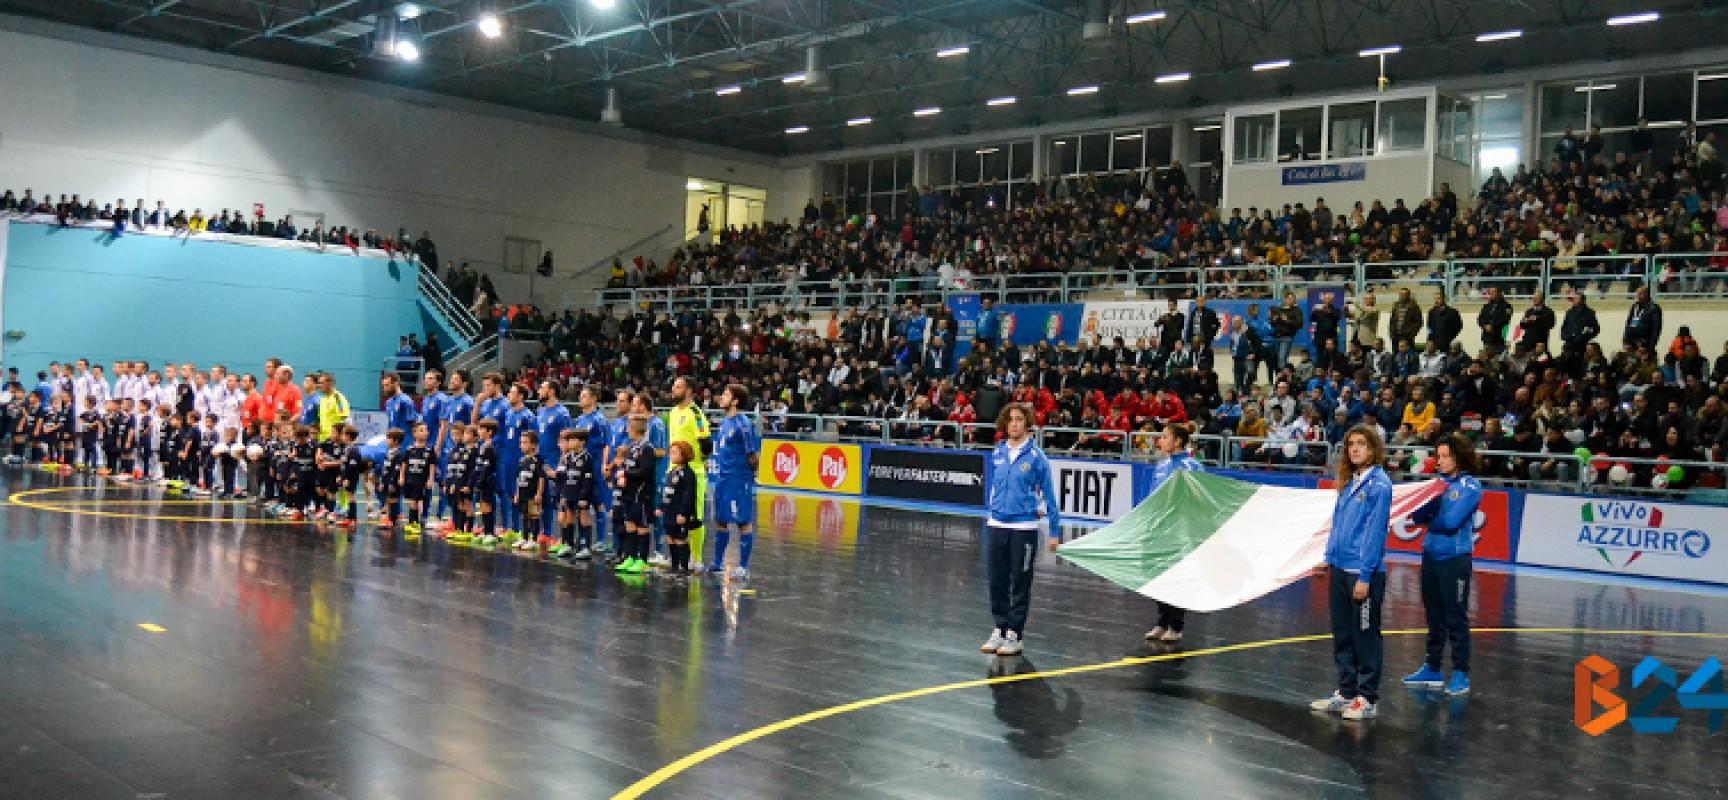 Calcio a 5, 1° ottobre al via il campionato del Futsal Bisceglie, da definire date del femminile